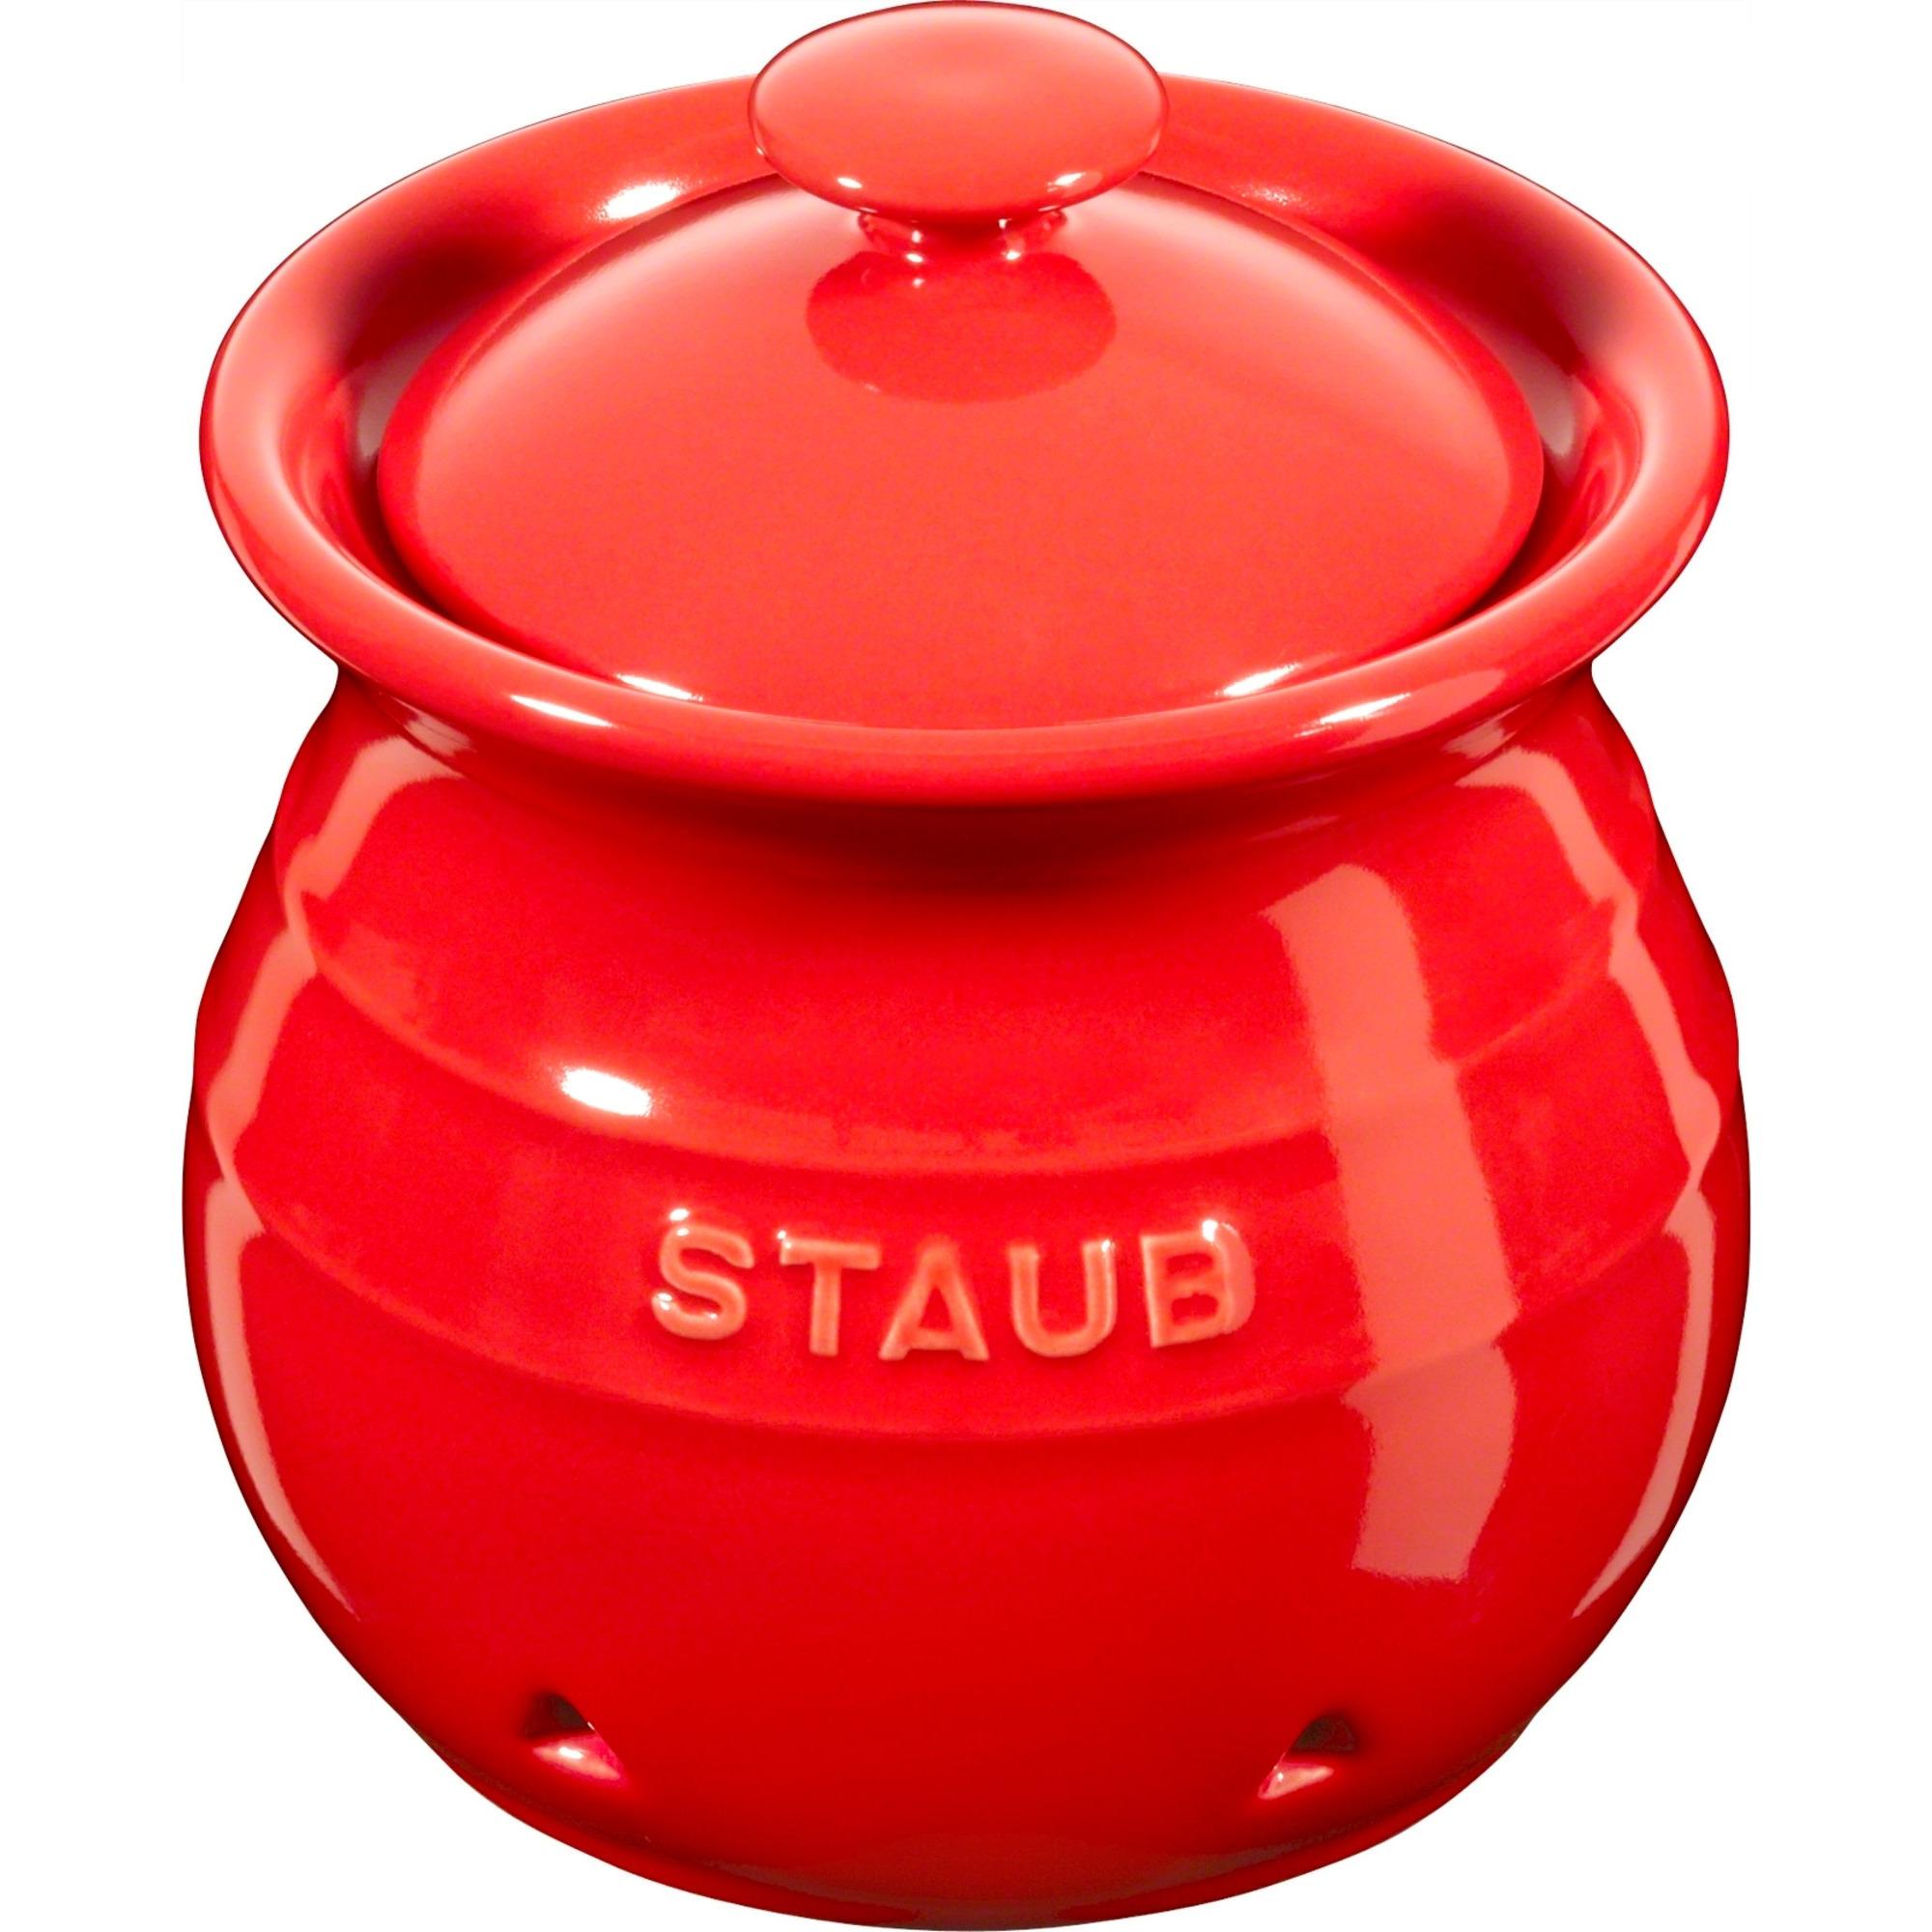 Staub Vitlöksbehållare 11 cm röd